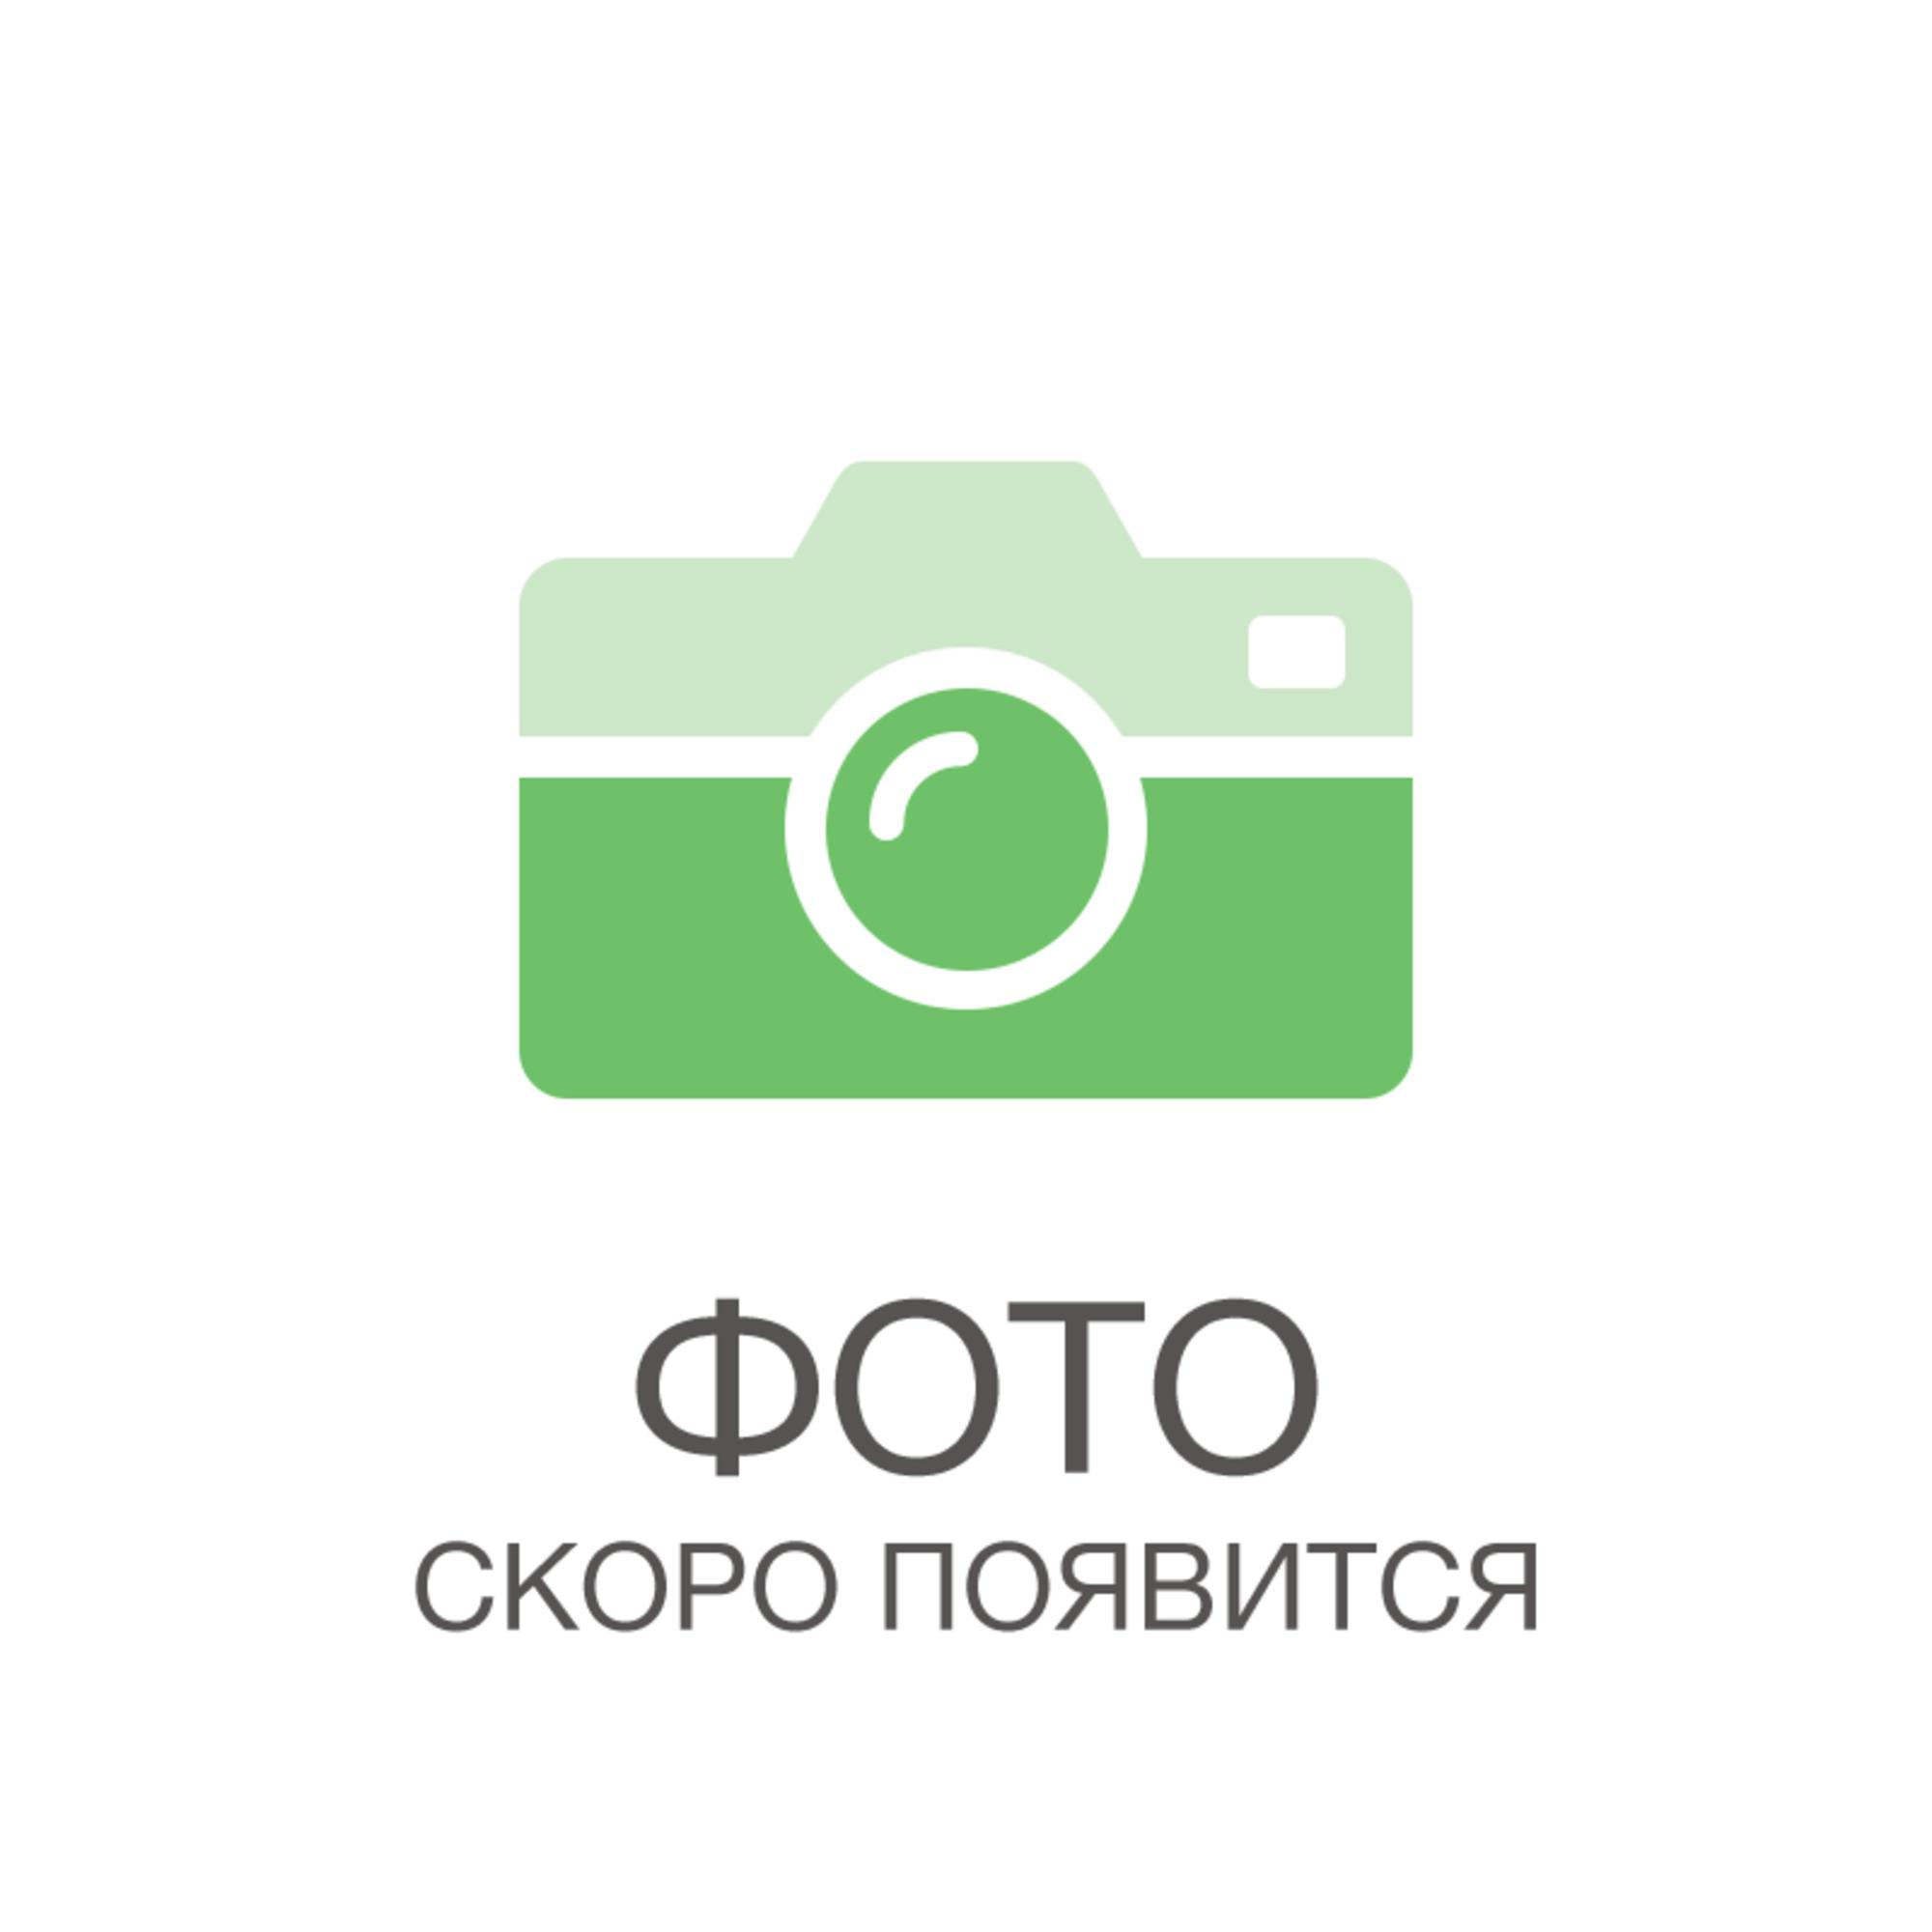 Светодиодная лампочка Фотон 23403 E14 530 Лм 6 Вт